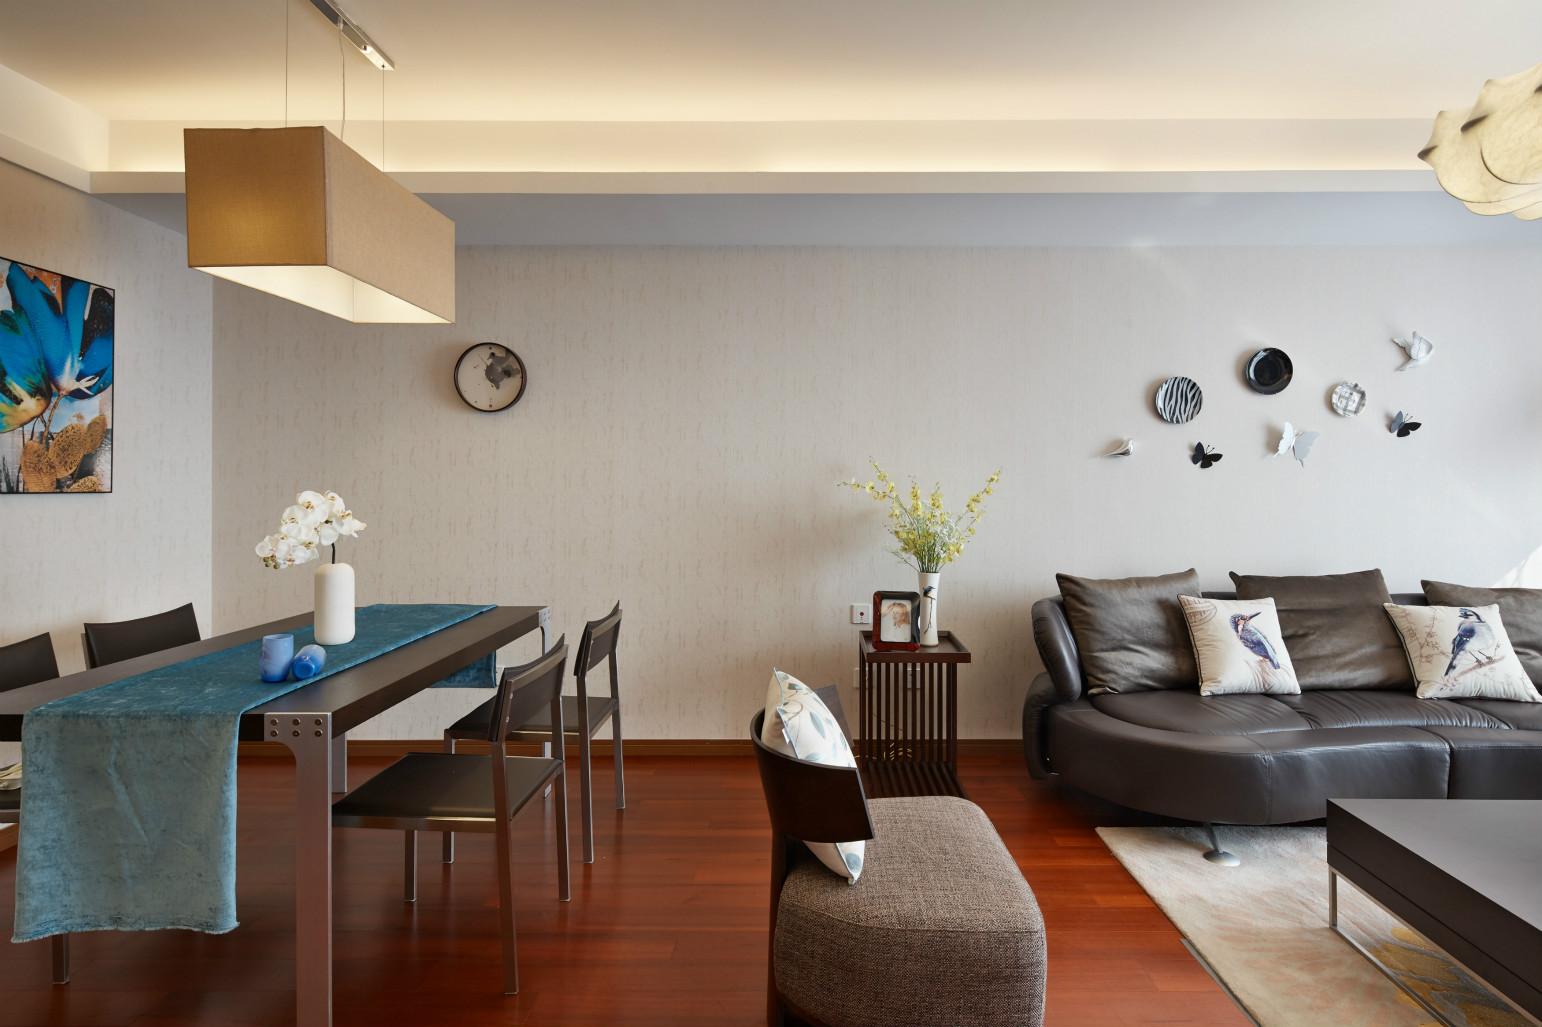 黑色的木质的餐座椅,搭配上方长方形的吊灯,这个餐厅区域温馨舒适